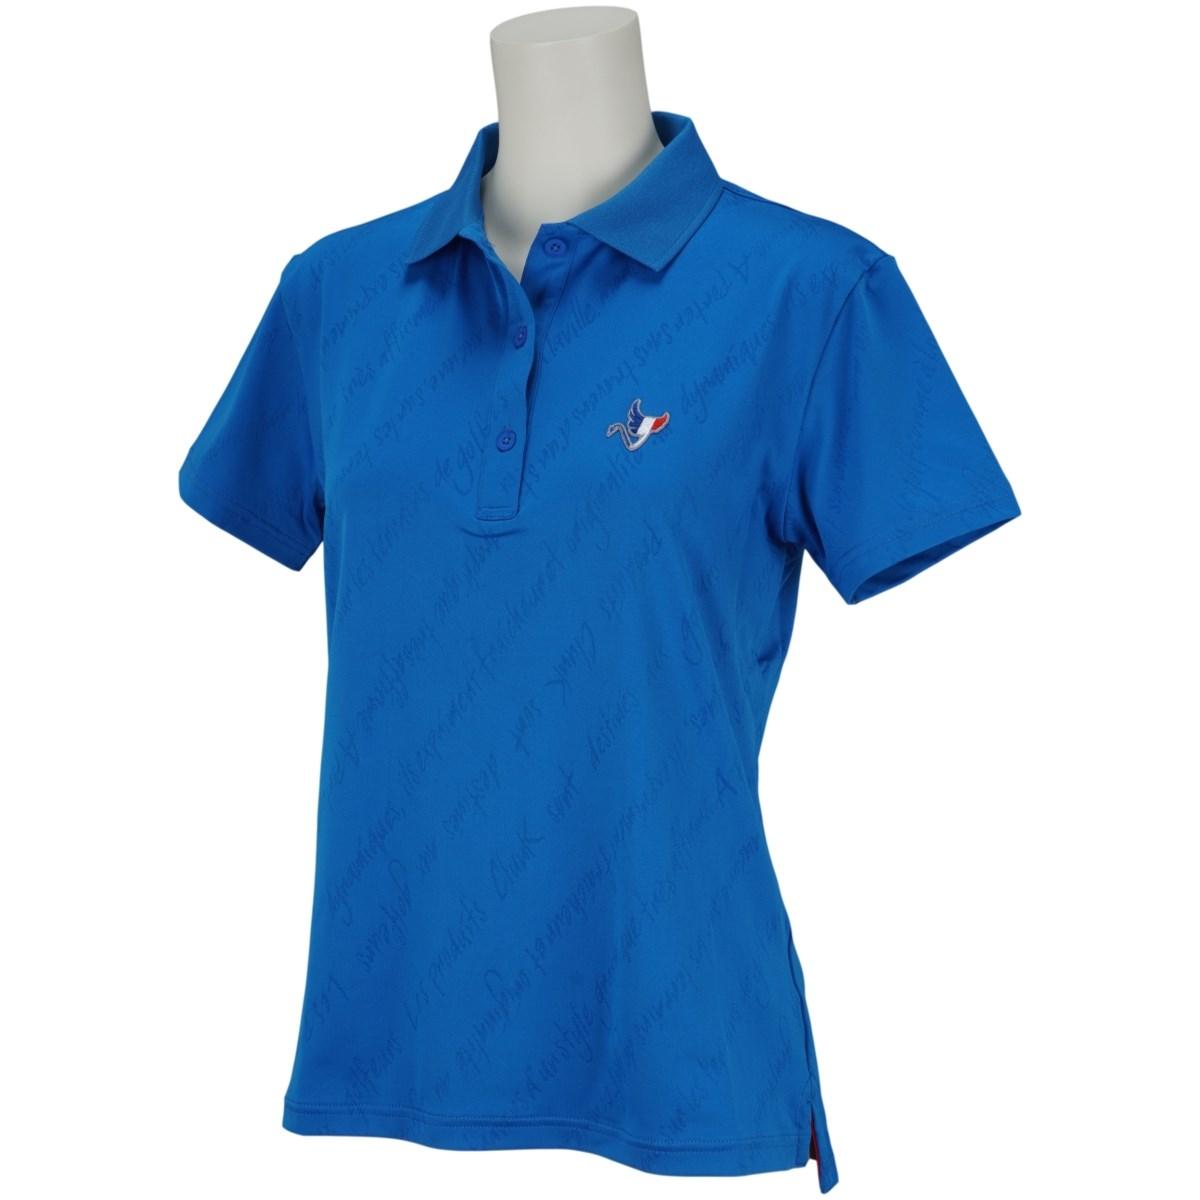 クランク Clunk 半袖ポロシャツ S ブルー 040 レディス